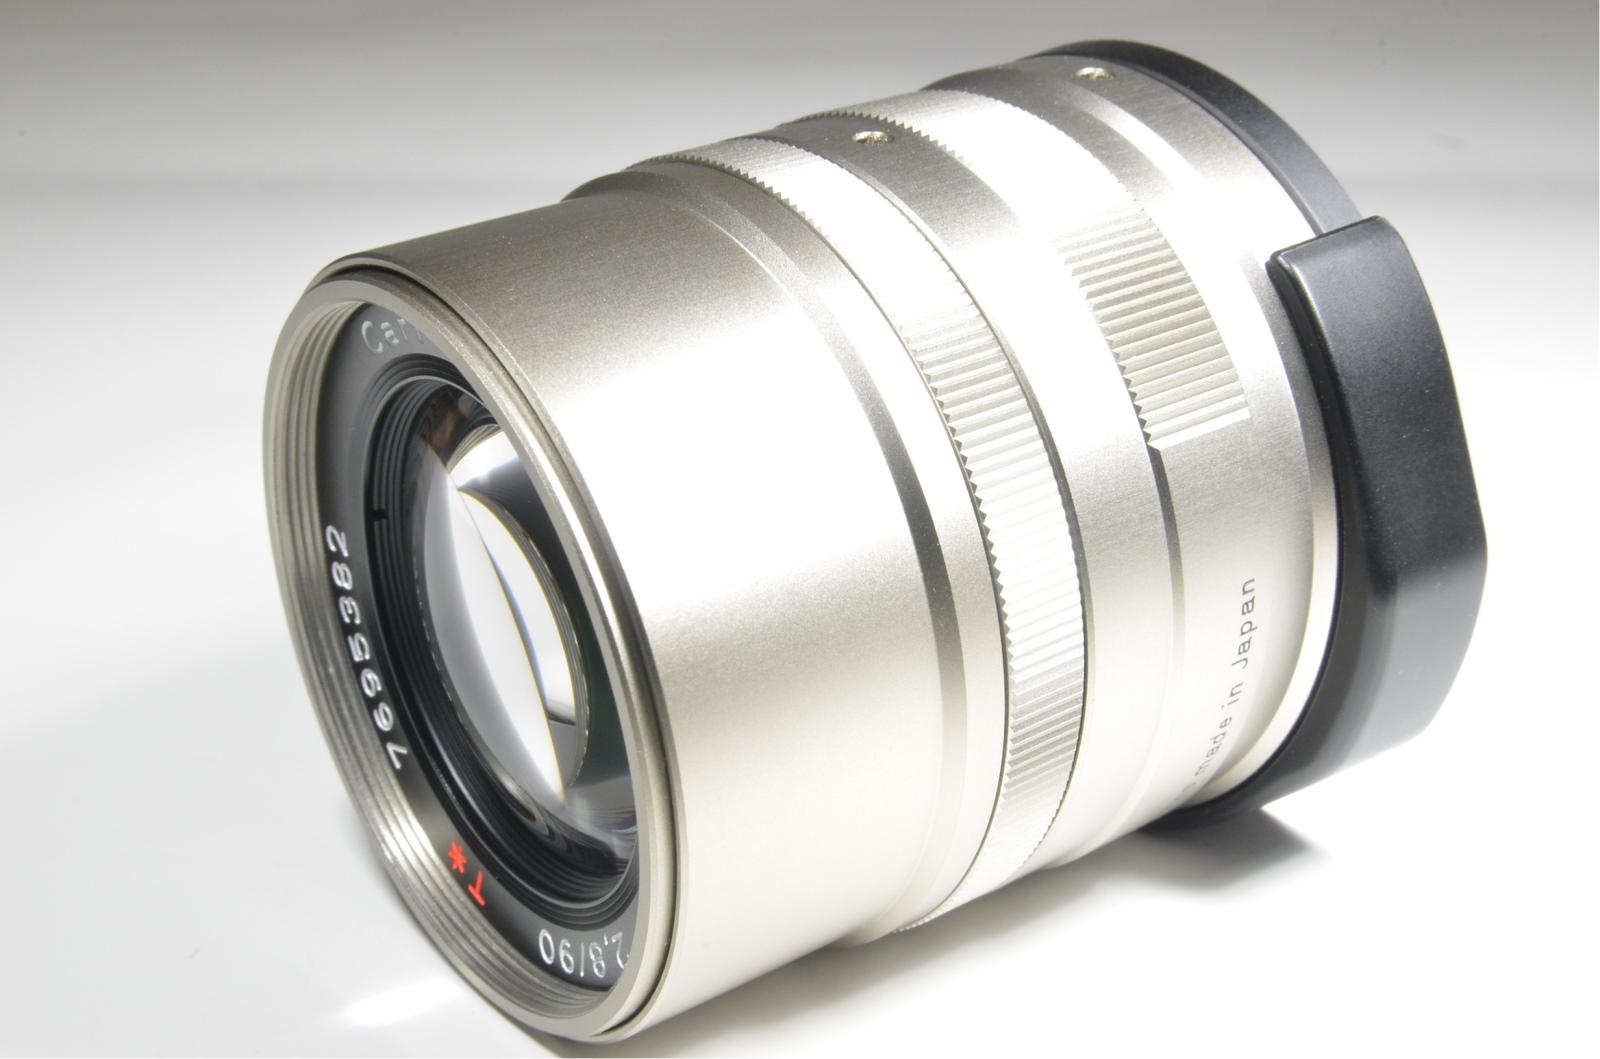 contax g2 data back, planar 45mm f2, biogon 28mm f2.8, sonnar 90mm f2.8, tla200